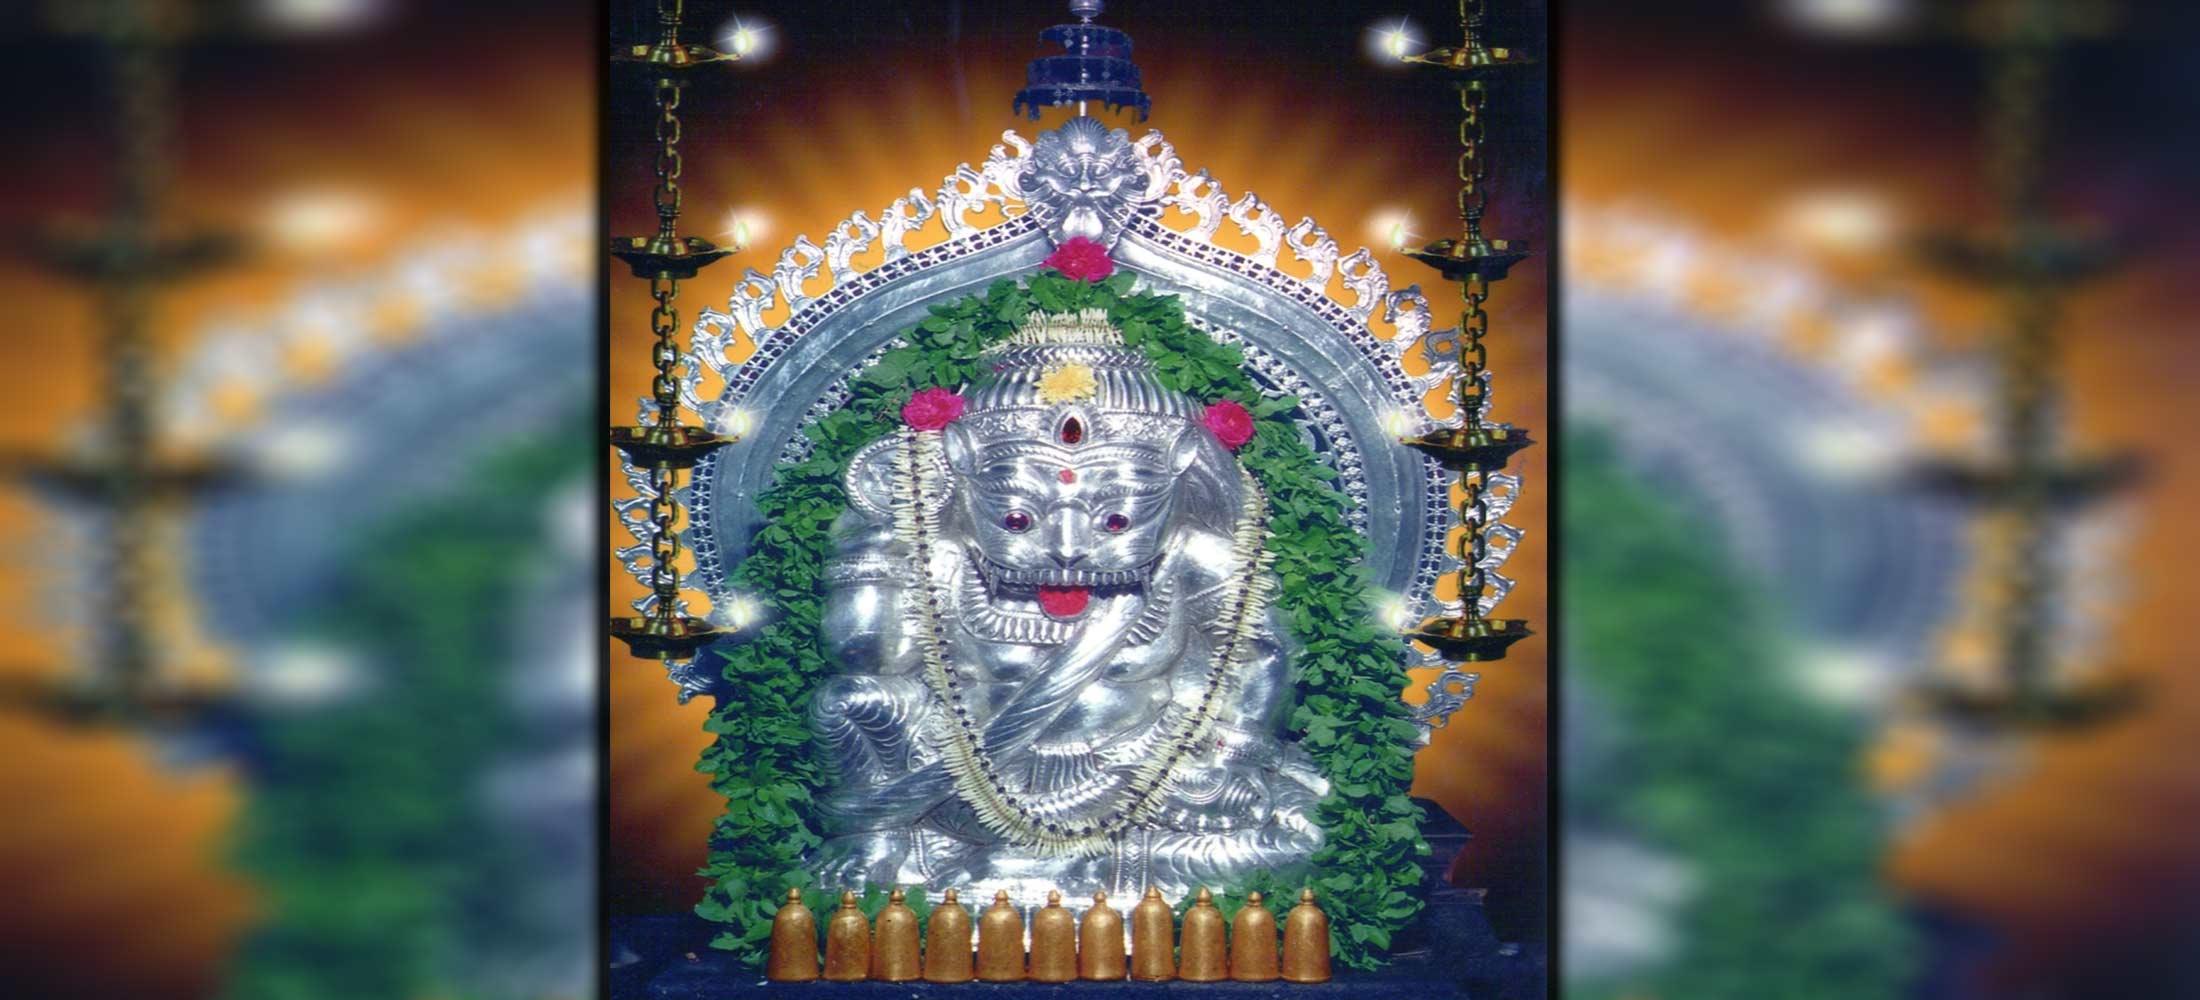 Sri Gurunarasimha Saligrama